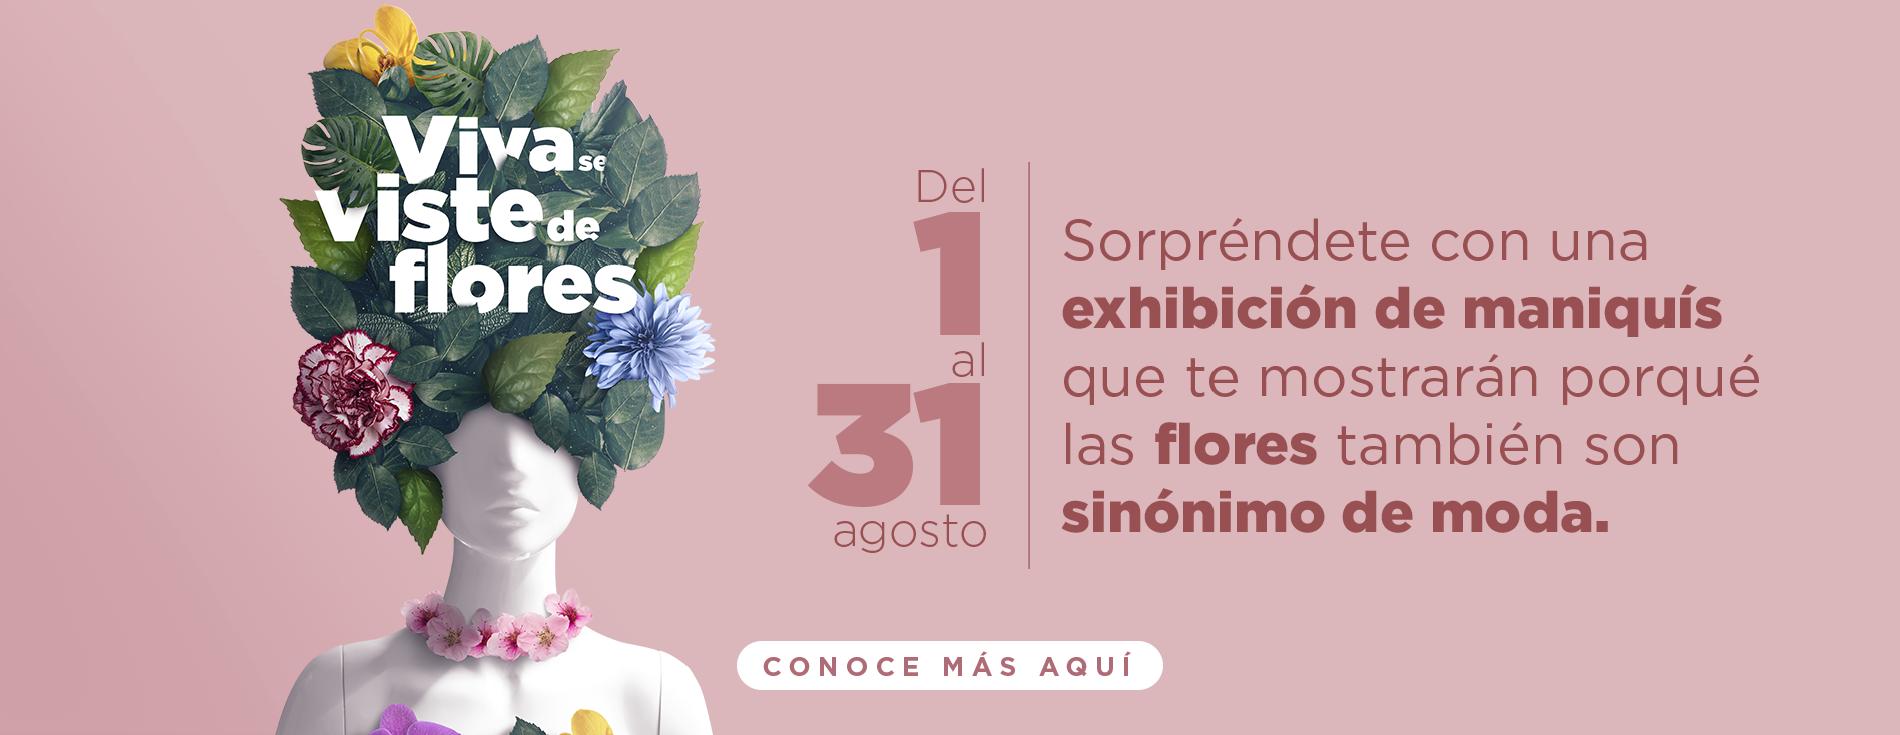 Viva se viste de flores - Laureles